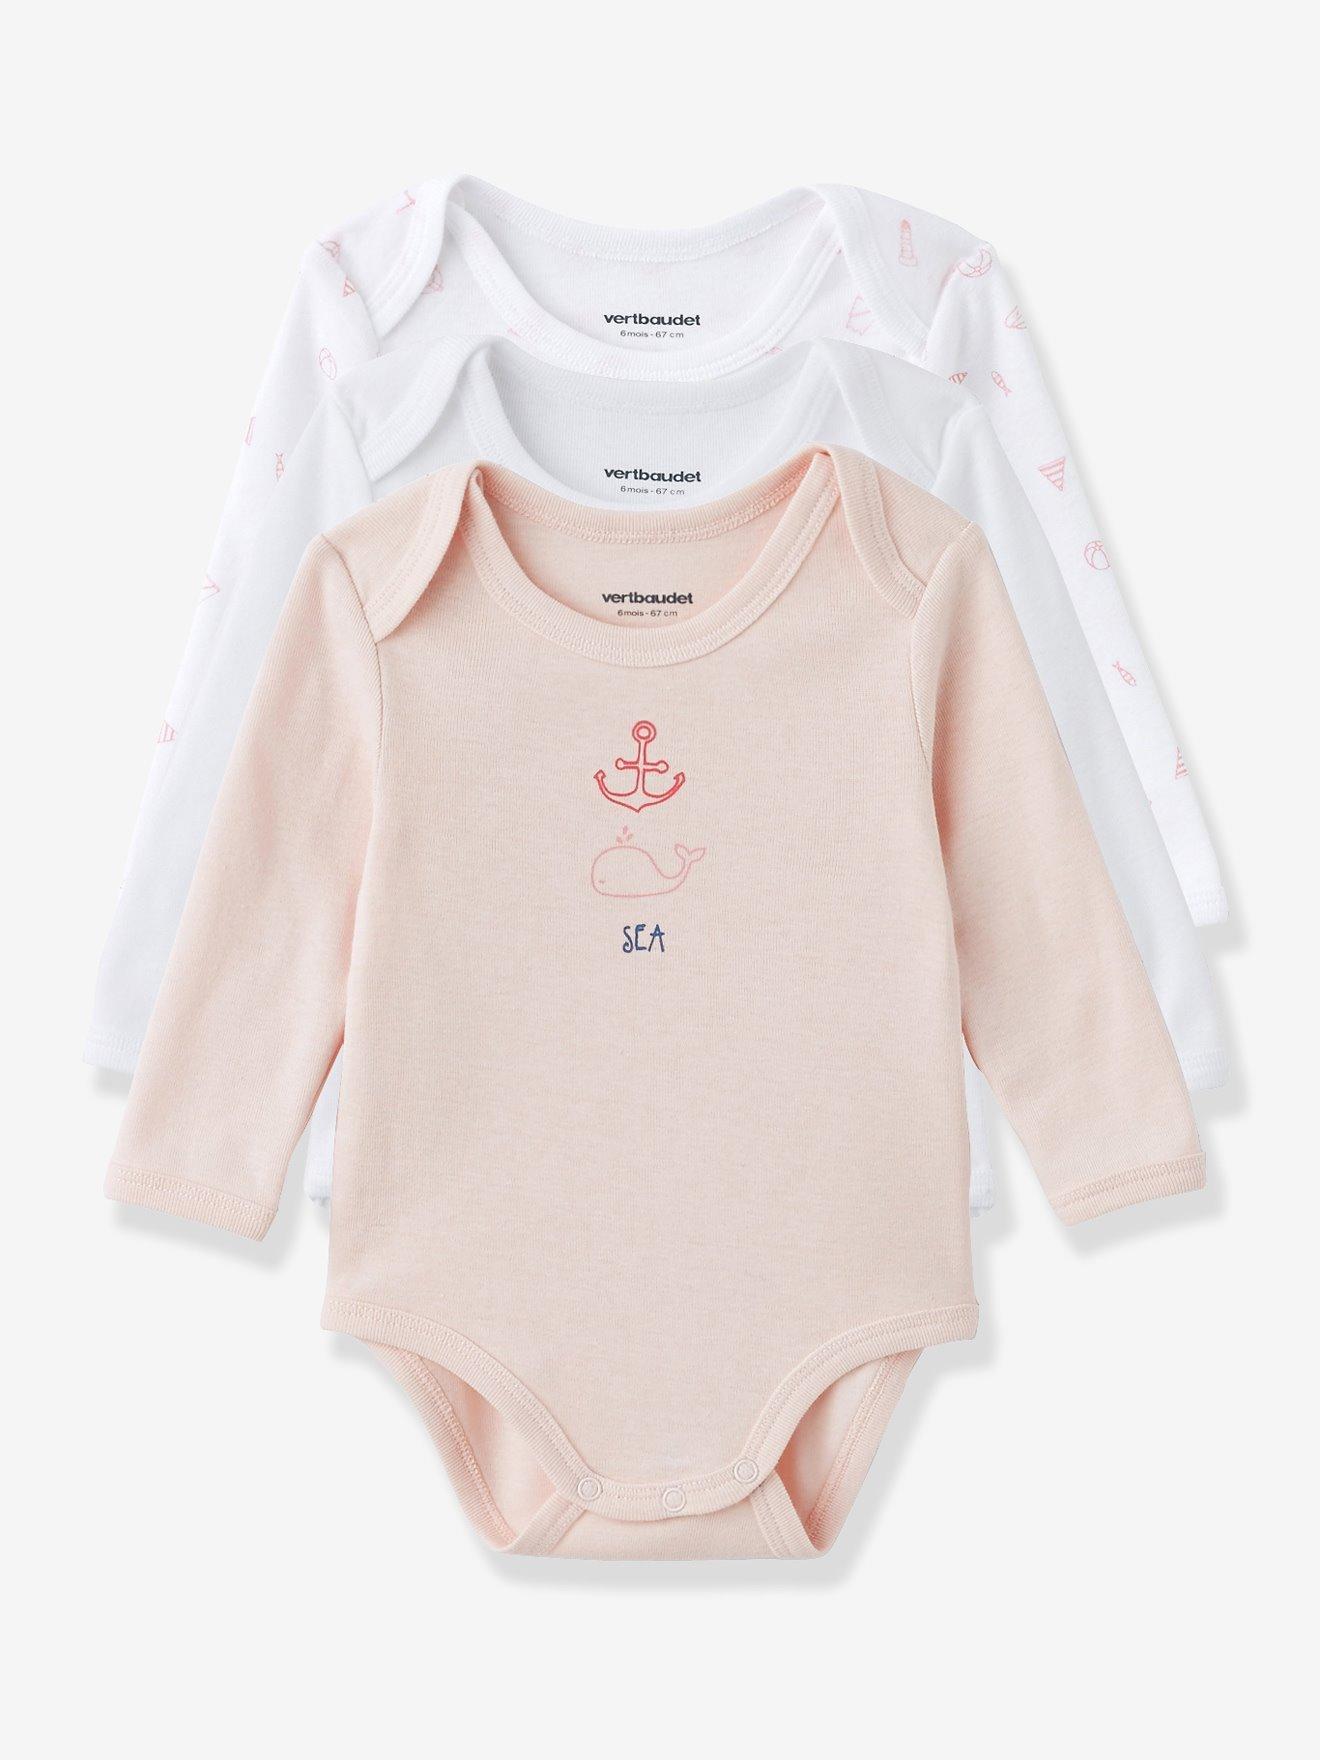 Lote de 3 bodies de manga larga color con motivo marinero colección bio bebé  rosa palido 2a86f6cd8828